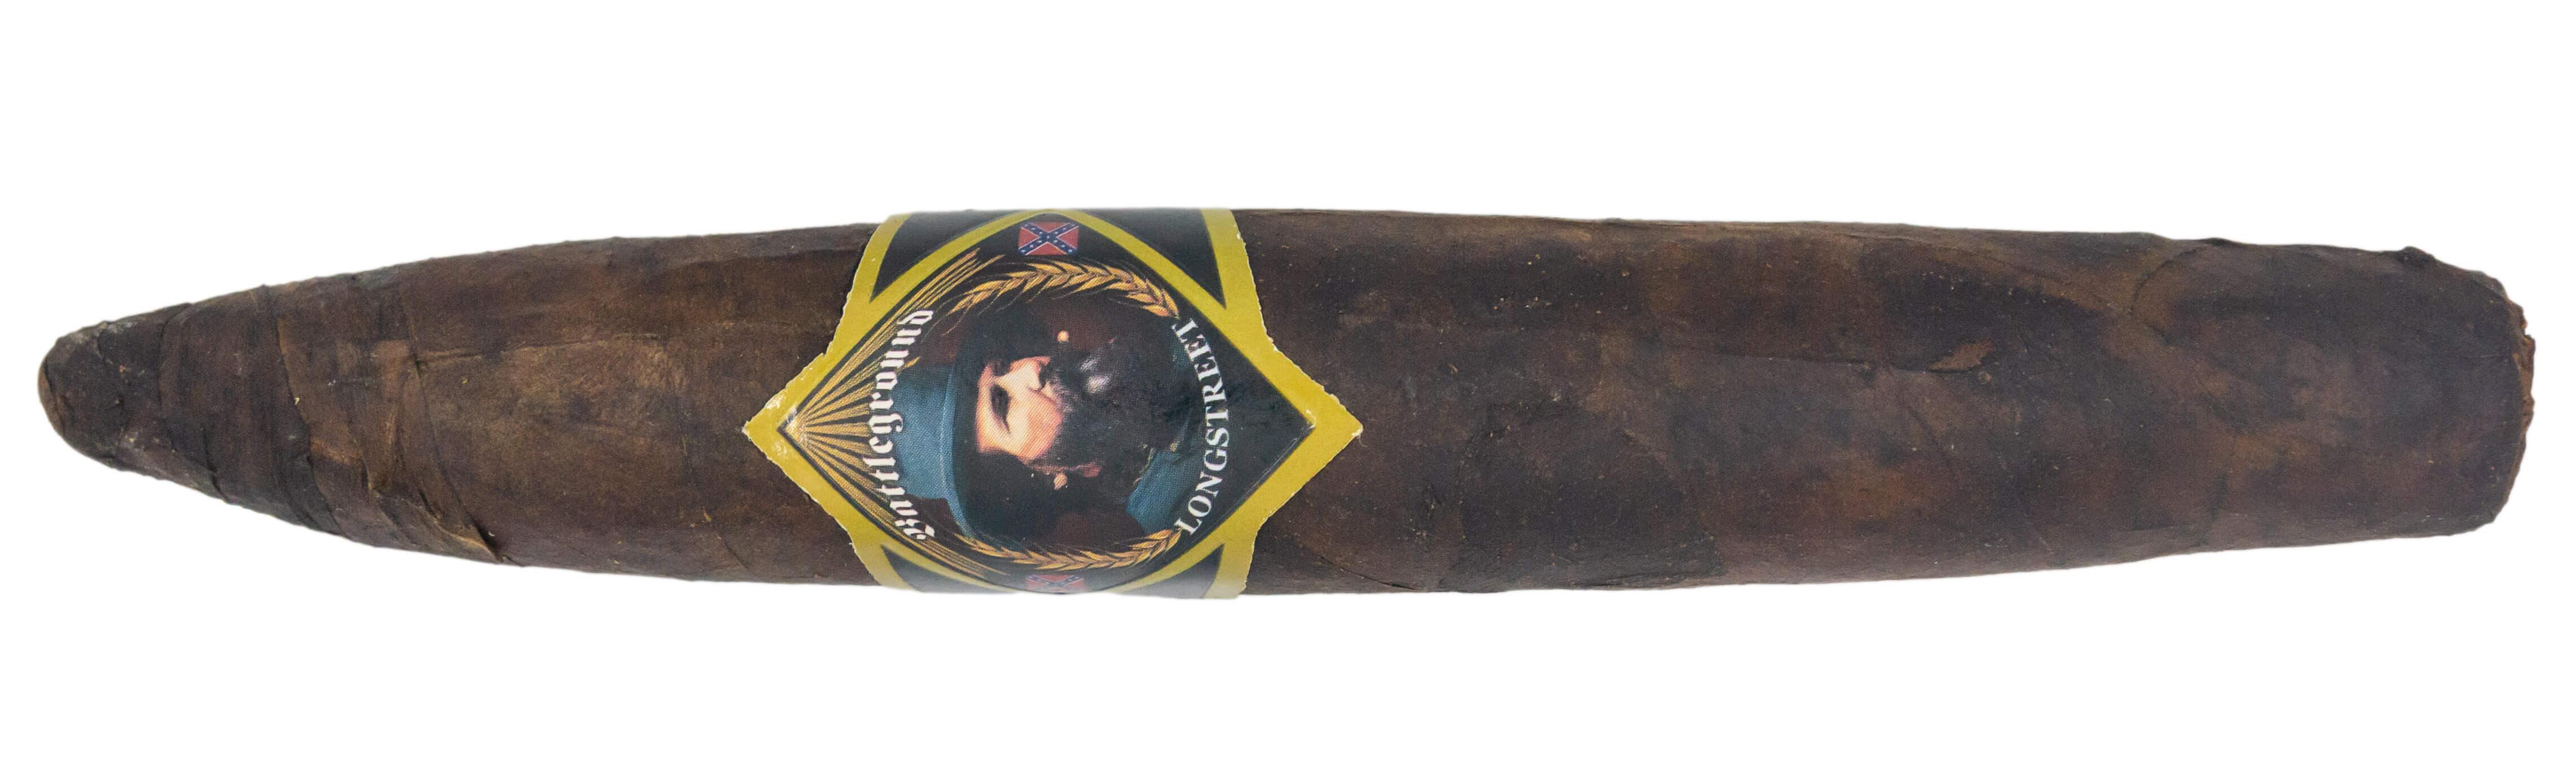 Blind Cigar Review: Battleground Cigars | General Longstreet